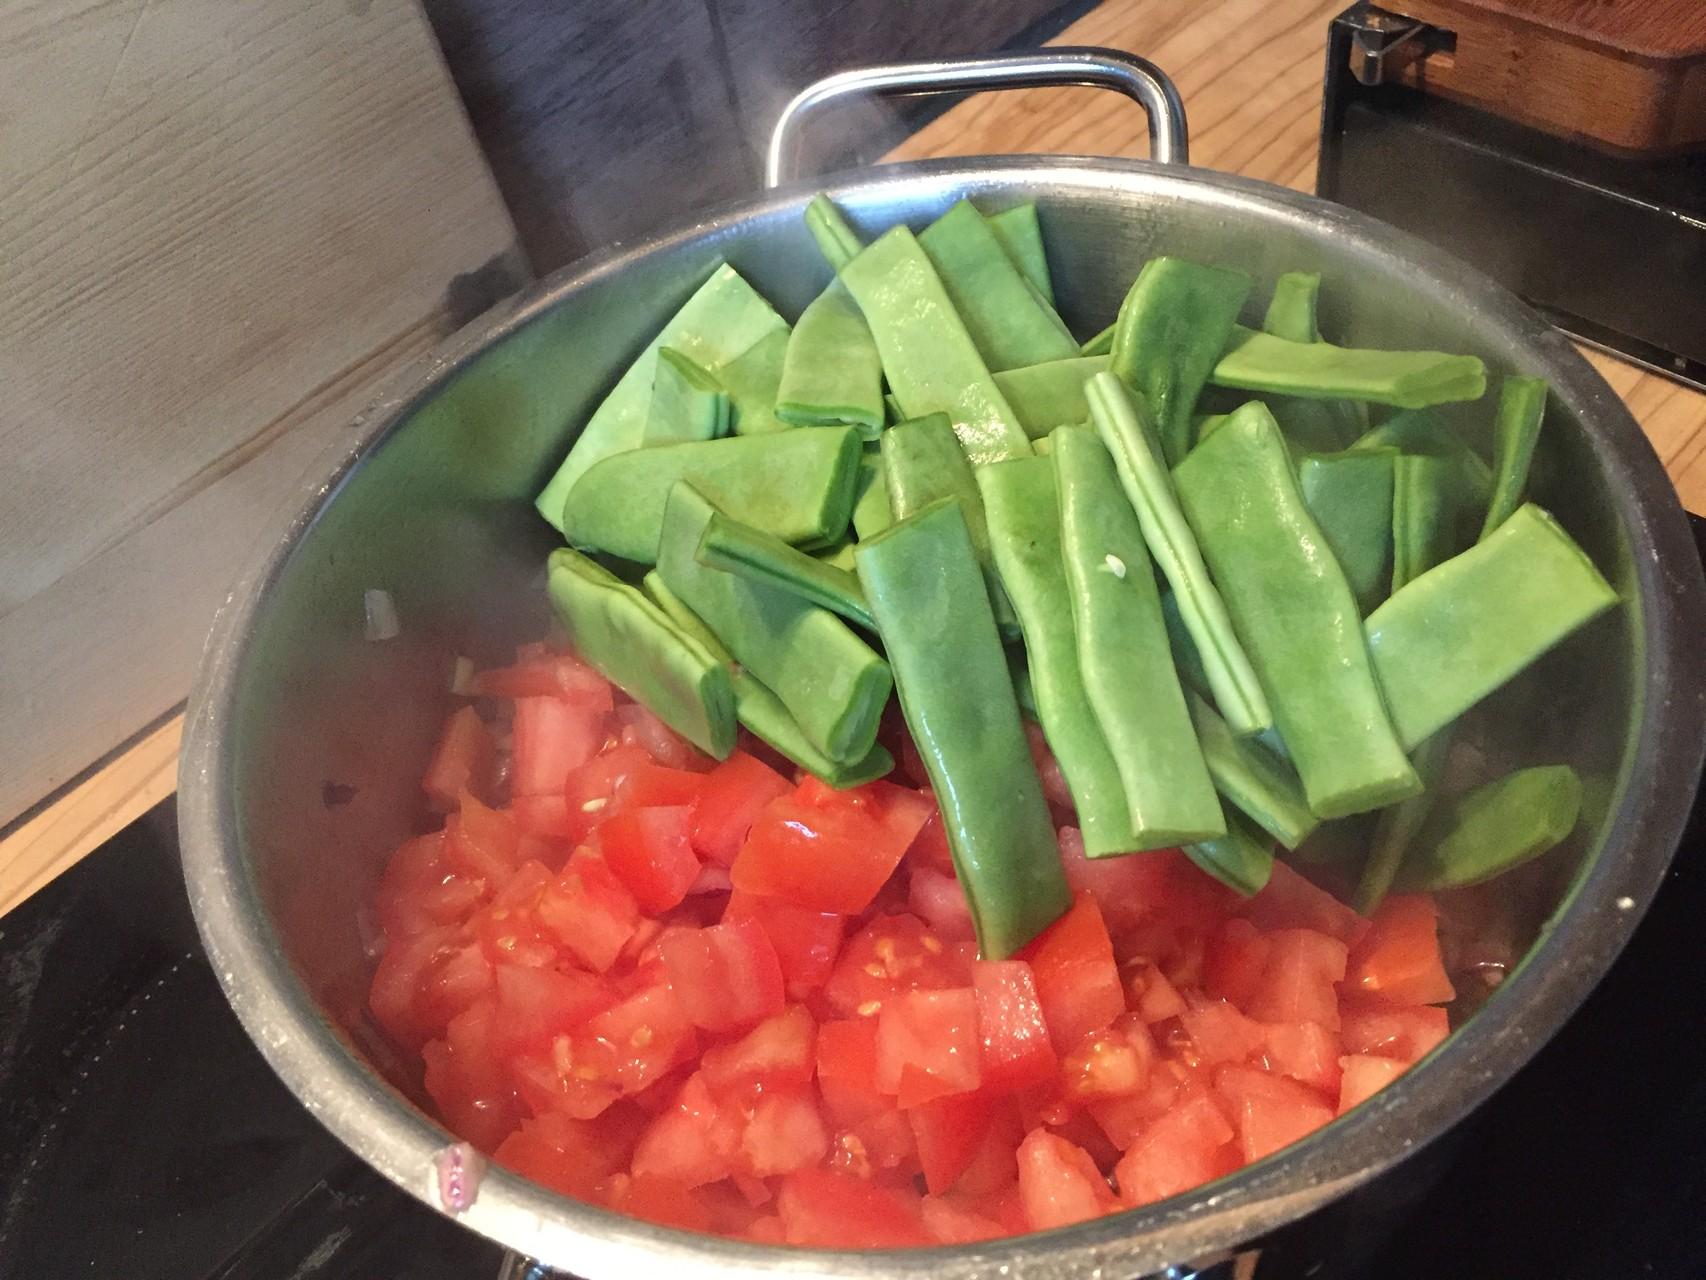 Gemüse hineingeben und Tomatenmark nicht vergessen